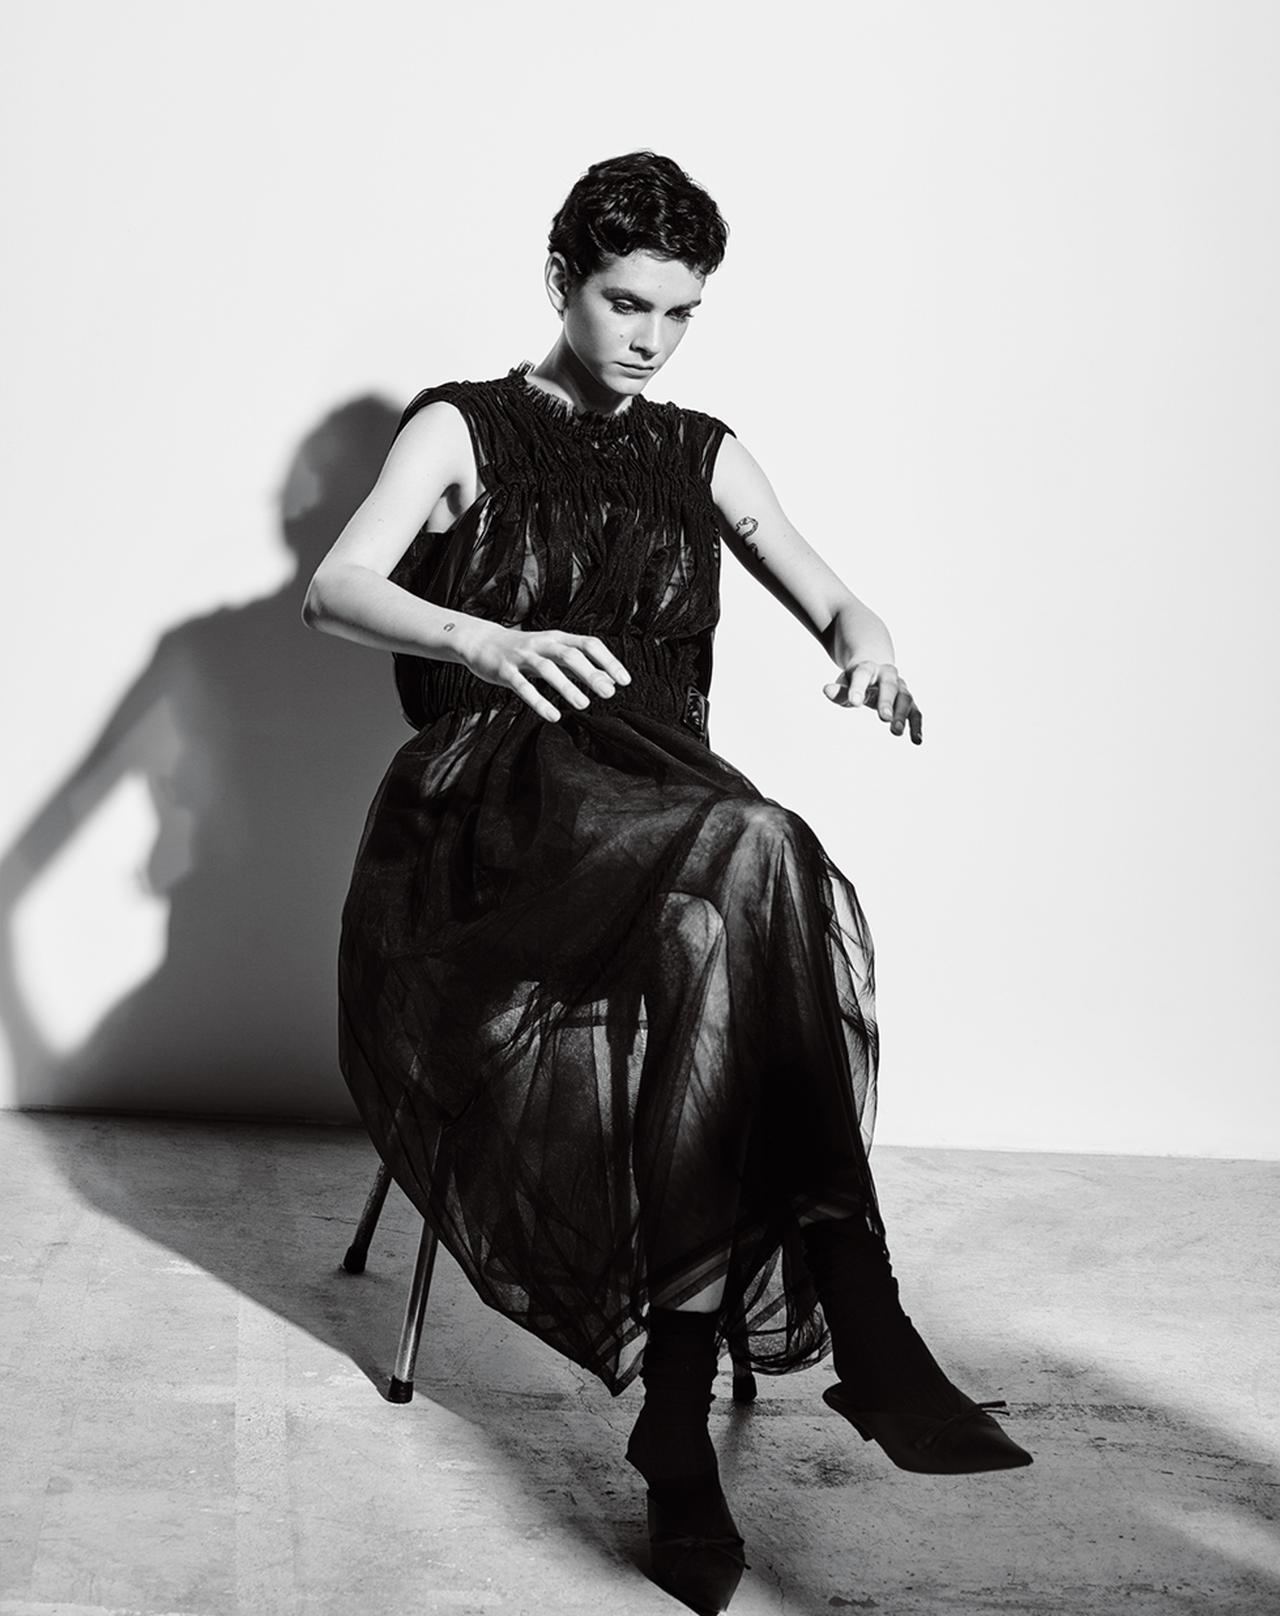 Images : 3番目の画像 - 「黒の洗練。 黒を重ね、黒を極める」のアルバム - T JAPAN:The New York Times Style Magazine 公式サイト